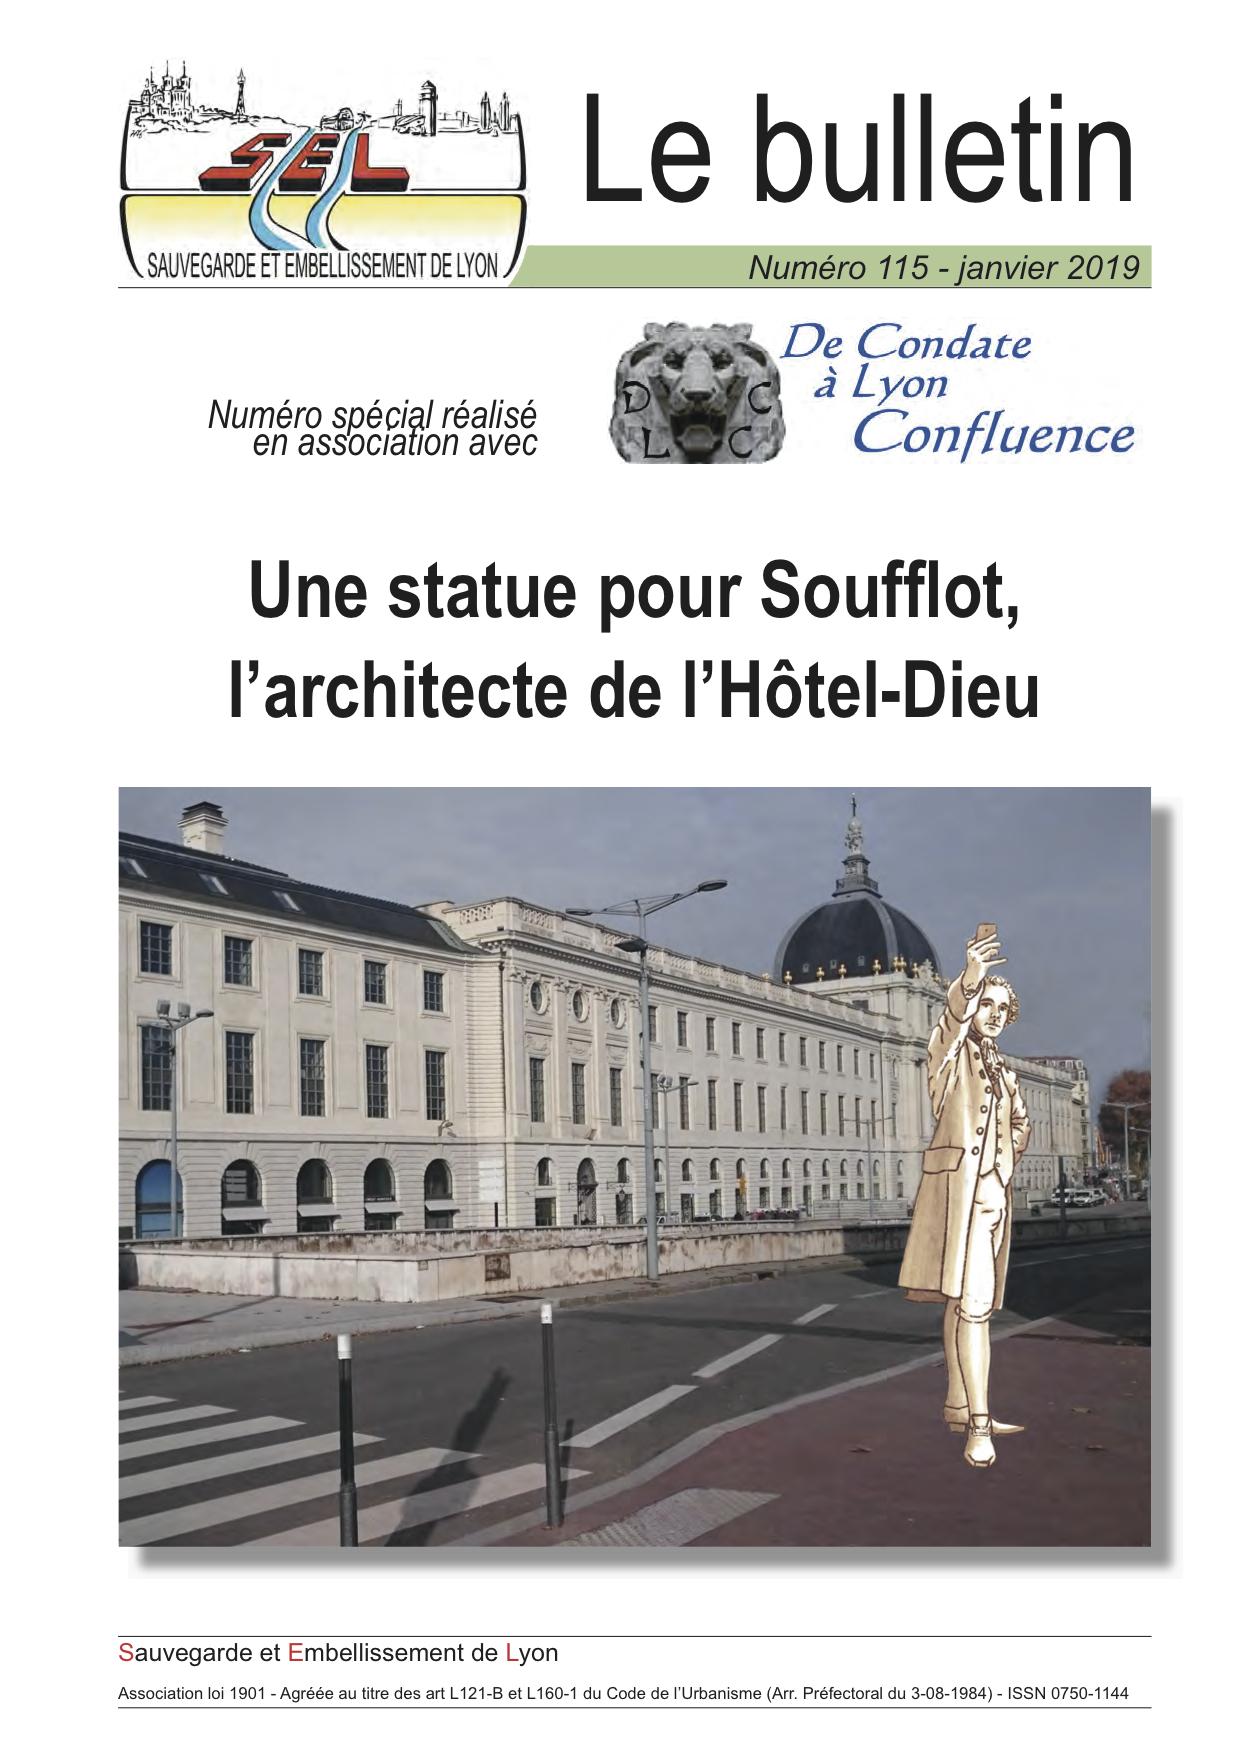 Une statue pour Soufflot, l'architecte de l'Hôtel-Dieu